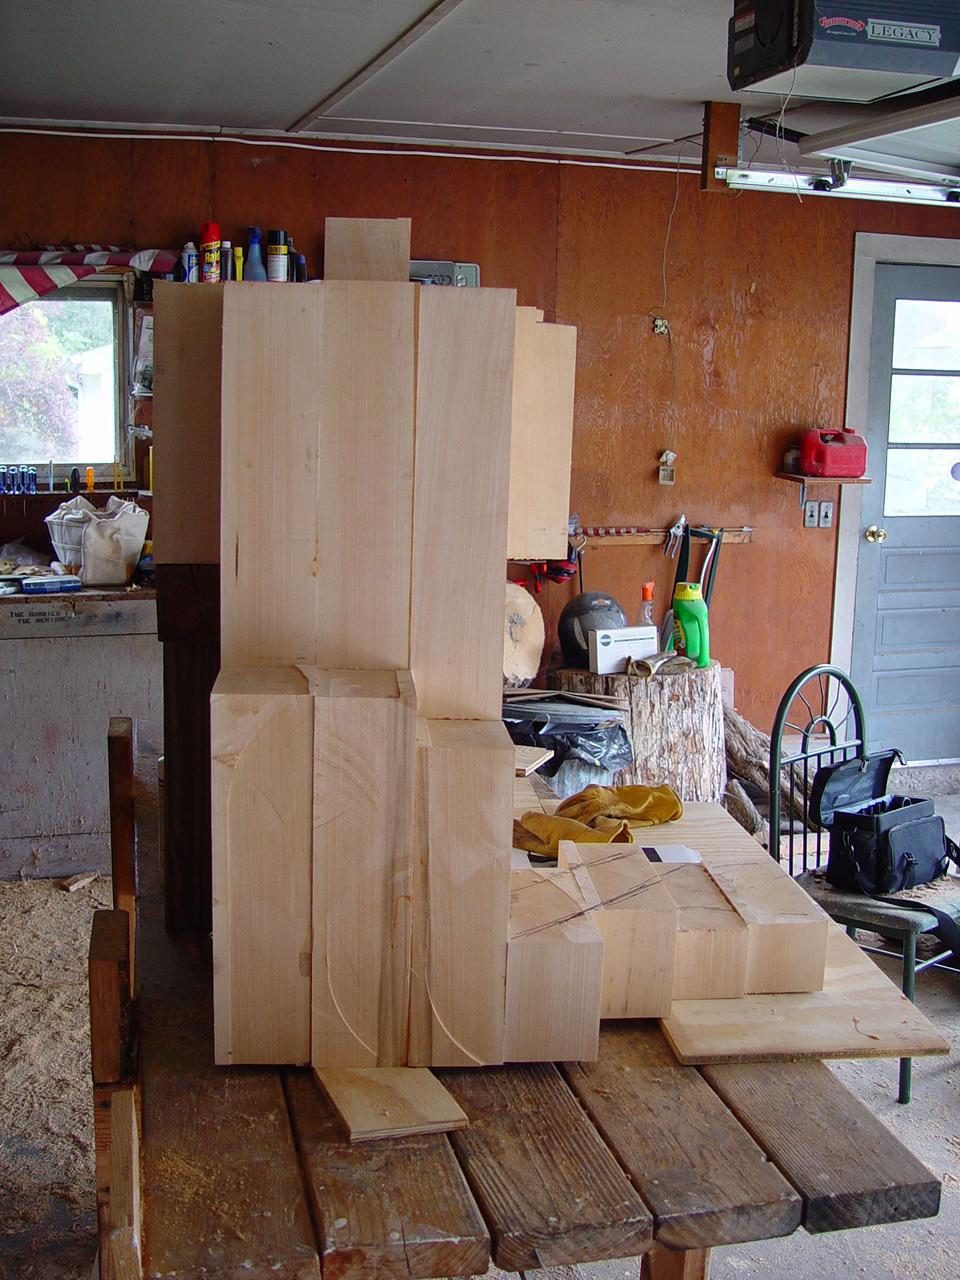 queen sculpture in progress one